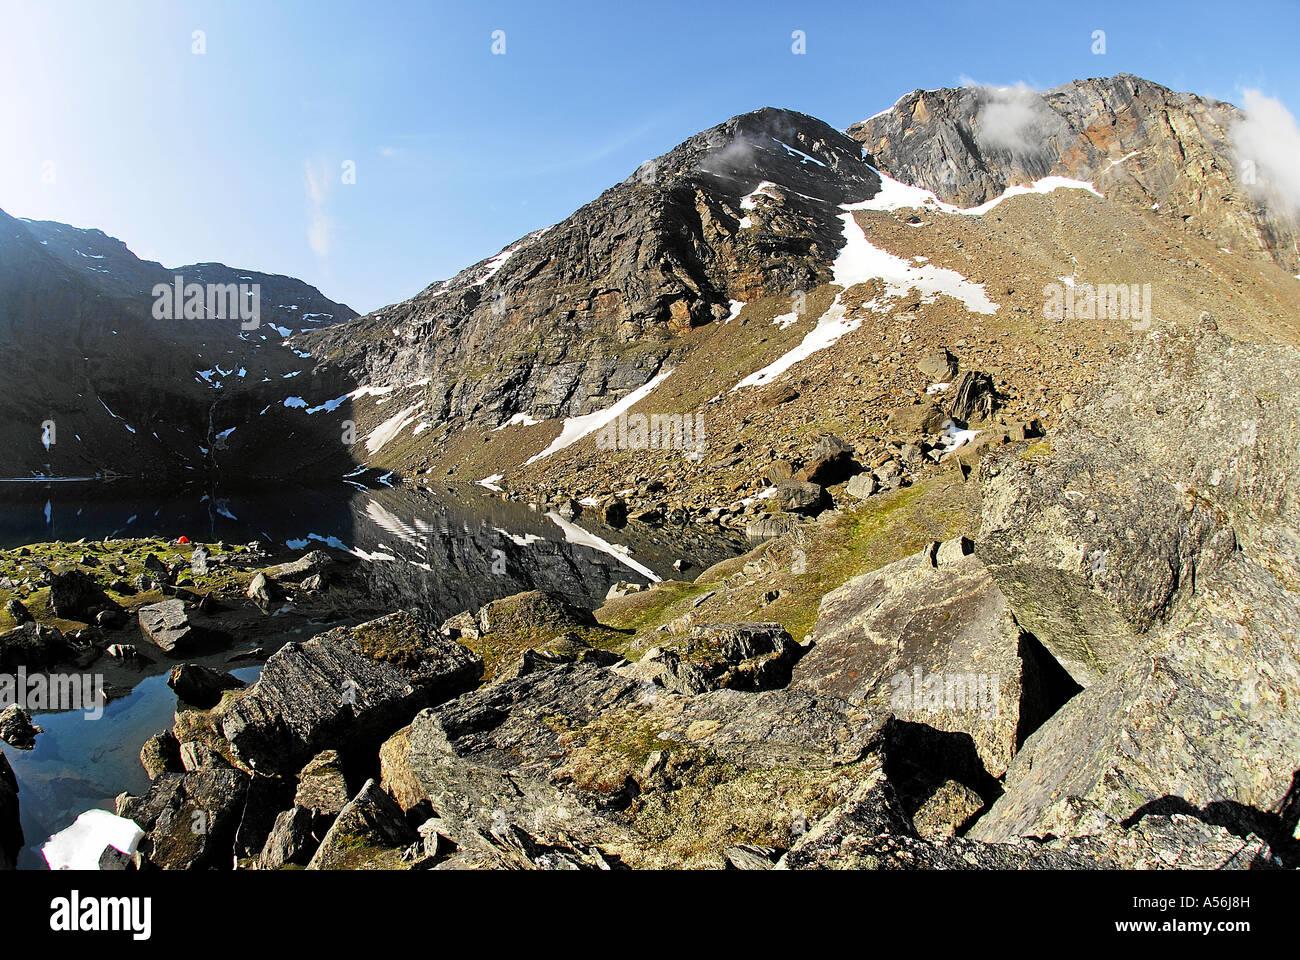 See Trollsjoen im Tal Gearggevaeggi Abisko Fjaell Norrbotten Schwedisch Lappland Schweden 2006 Sommer Nordschweden Stock Photo